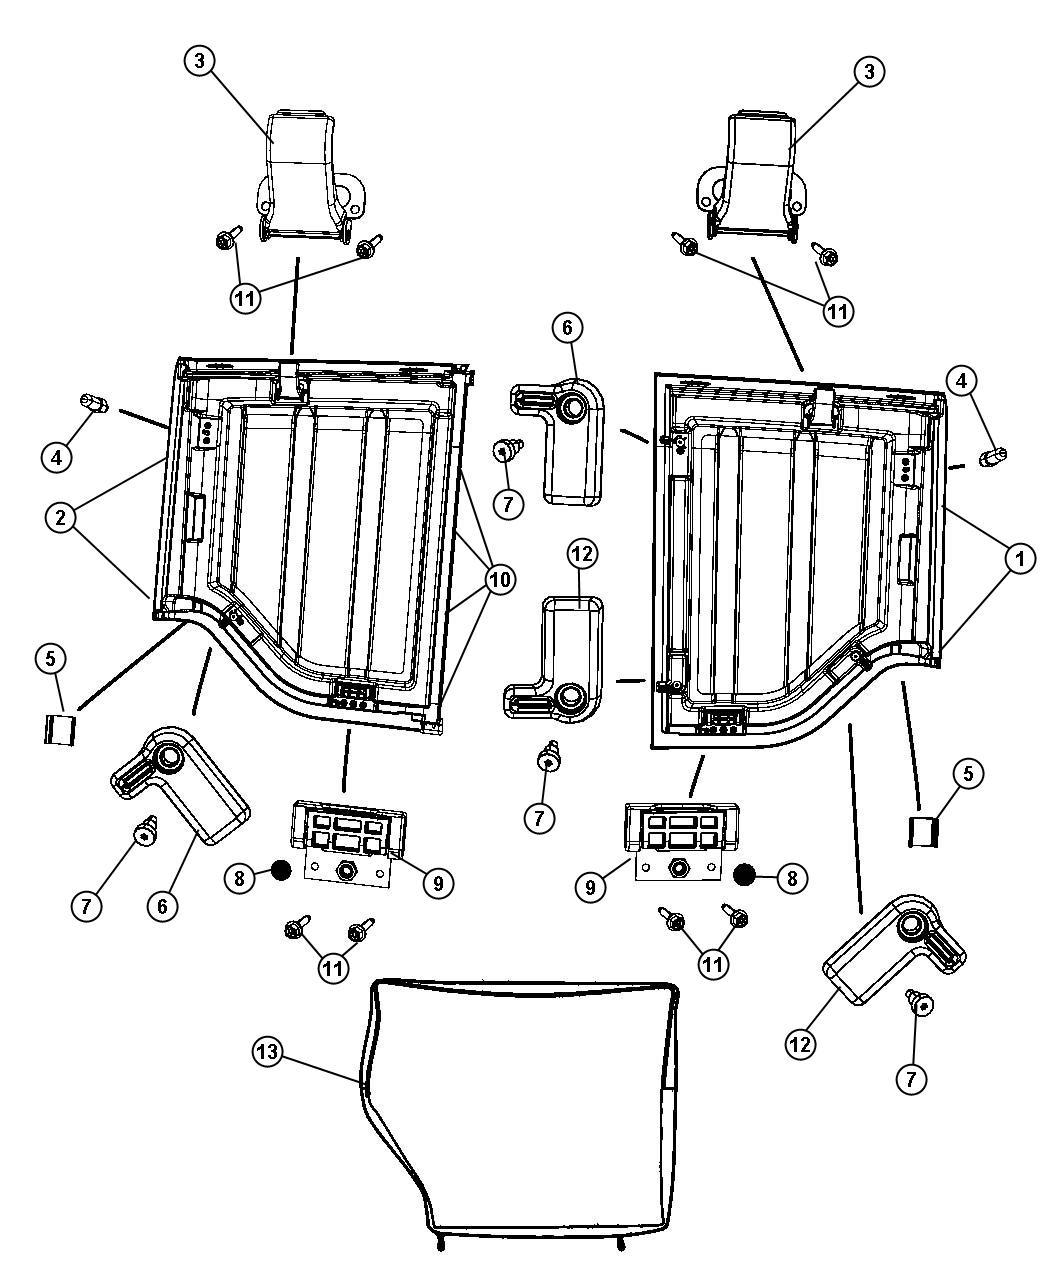 E46 bad fuel filter symptoms